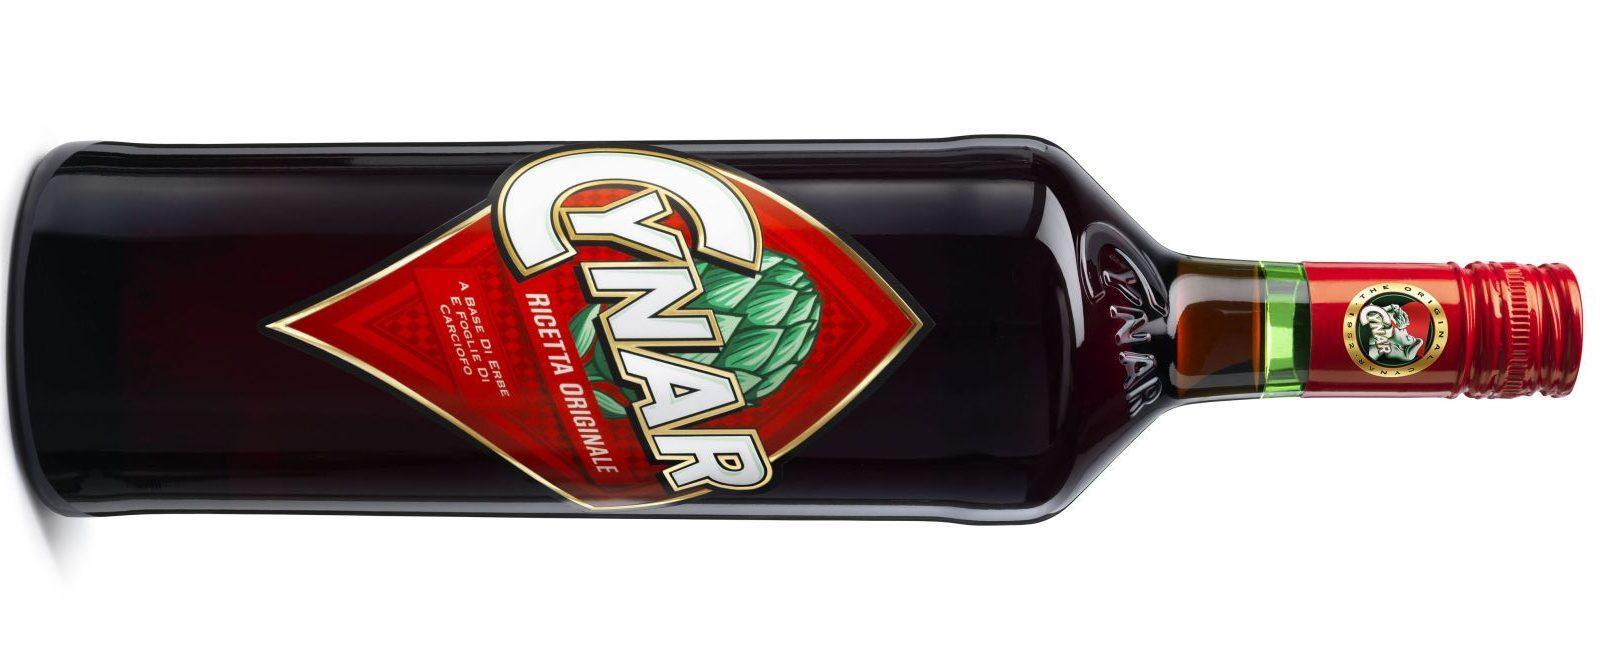 A garrafa de Cynar tem preço sugerido de R$ 19,90 no varejo. Foto: Divulgação.